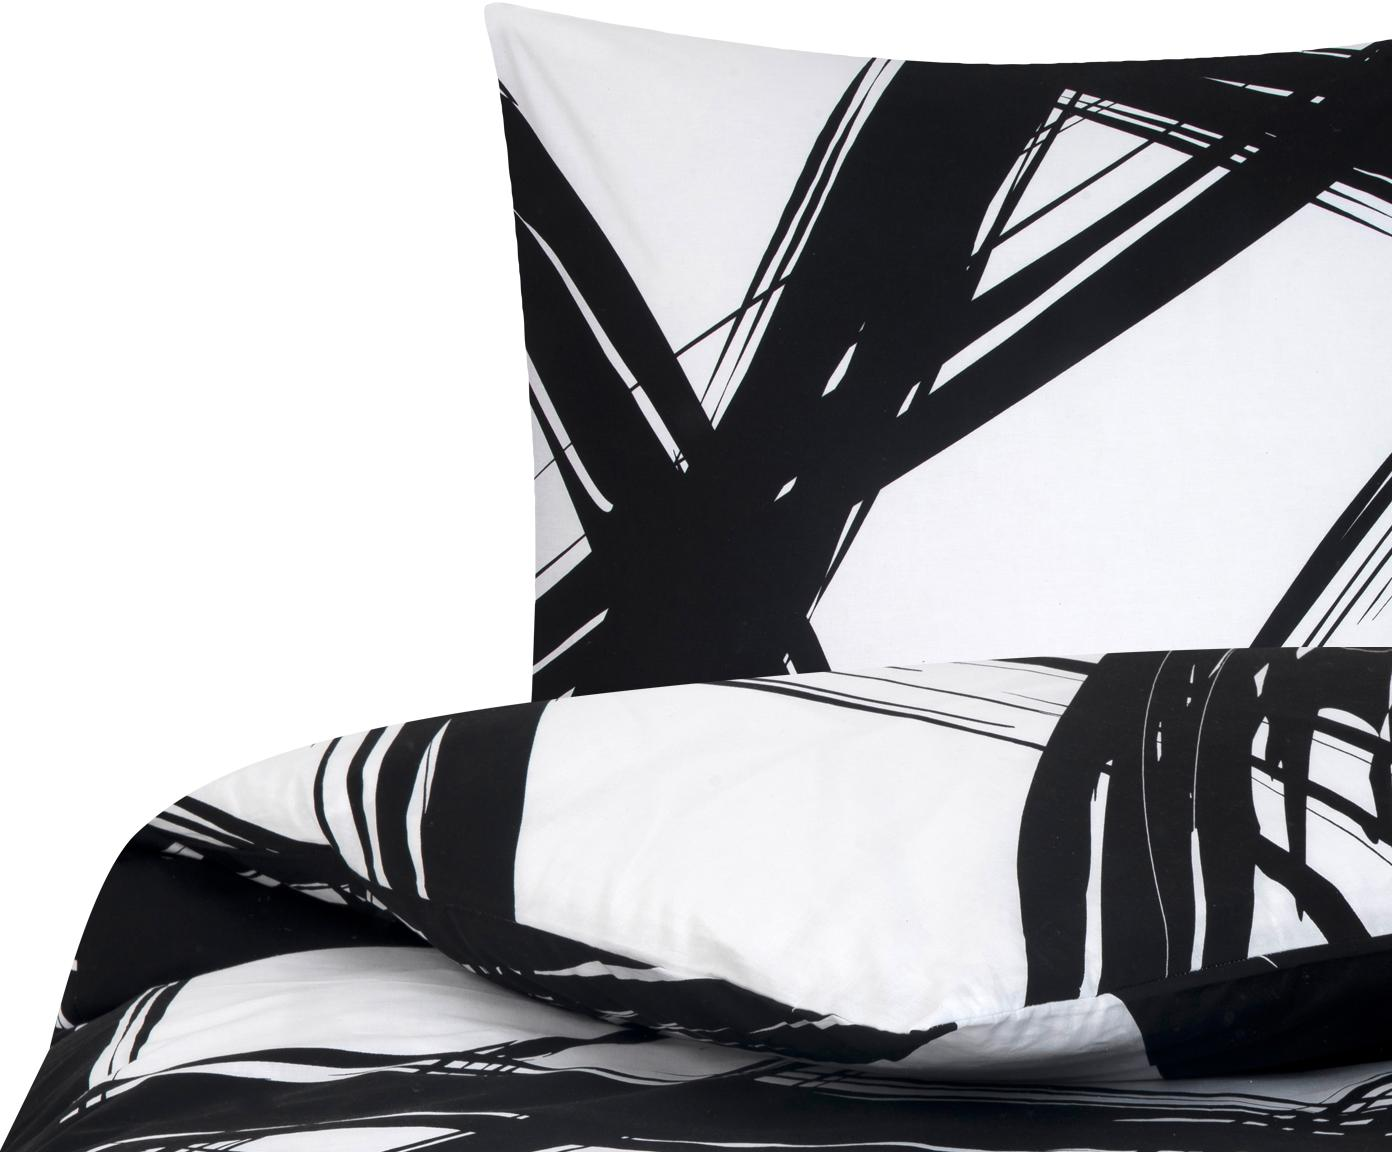 Baumwoll-Bettwäsche Brush mit abstraktem Print, Webart: Renforcé Fadendichte 144 , Schwarz, Weiss, 135 x 200 cm + 1 Kissen 80 x 80 cm